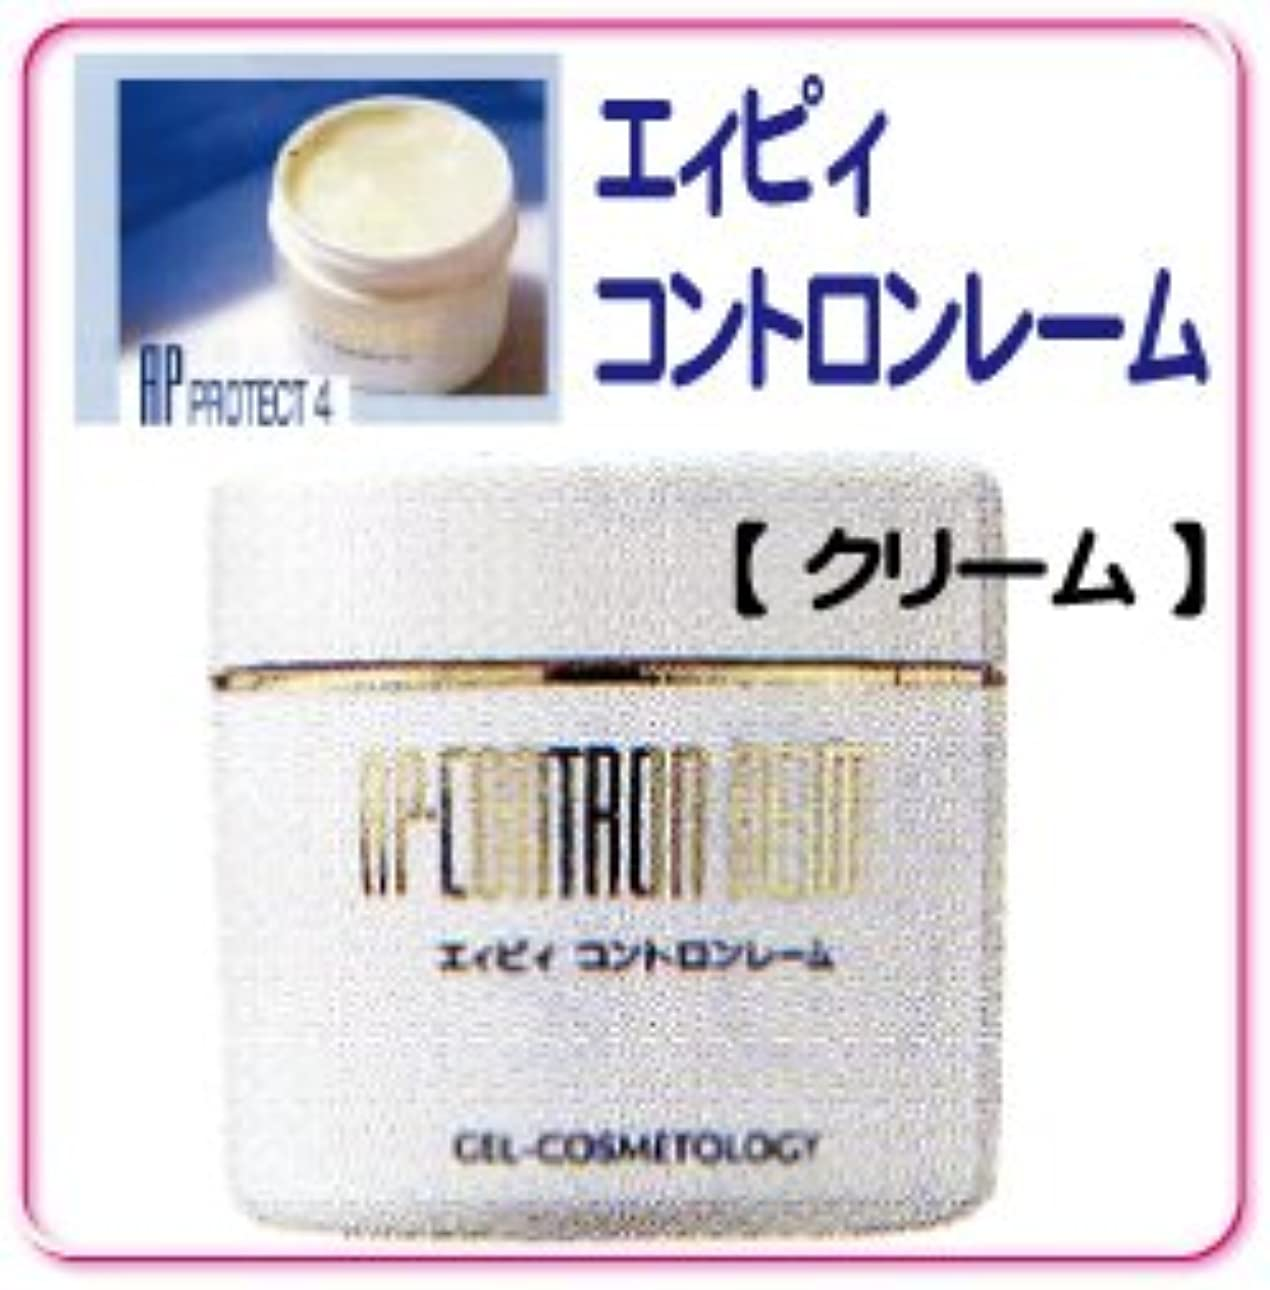 威する勧告寸法ベルマン化粧品 APprotectシリーズ  コントロンレーム  敏感肌用クリーム 110g